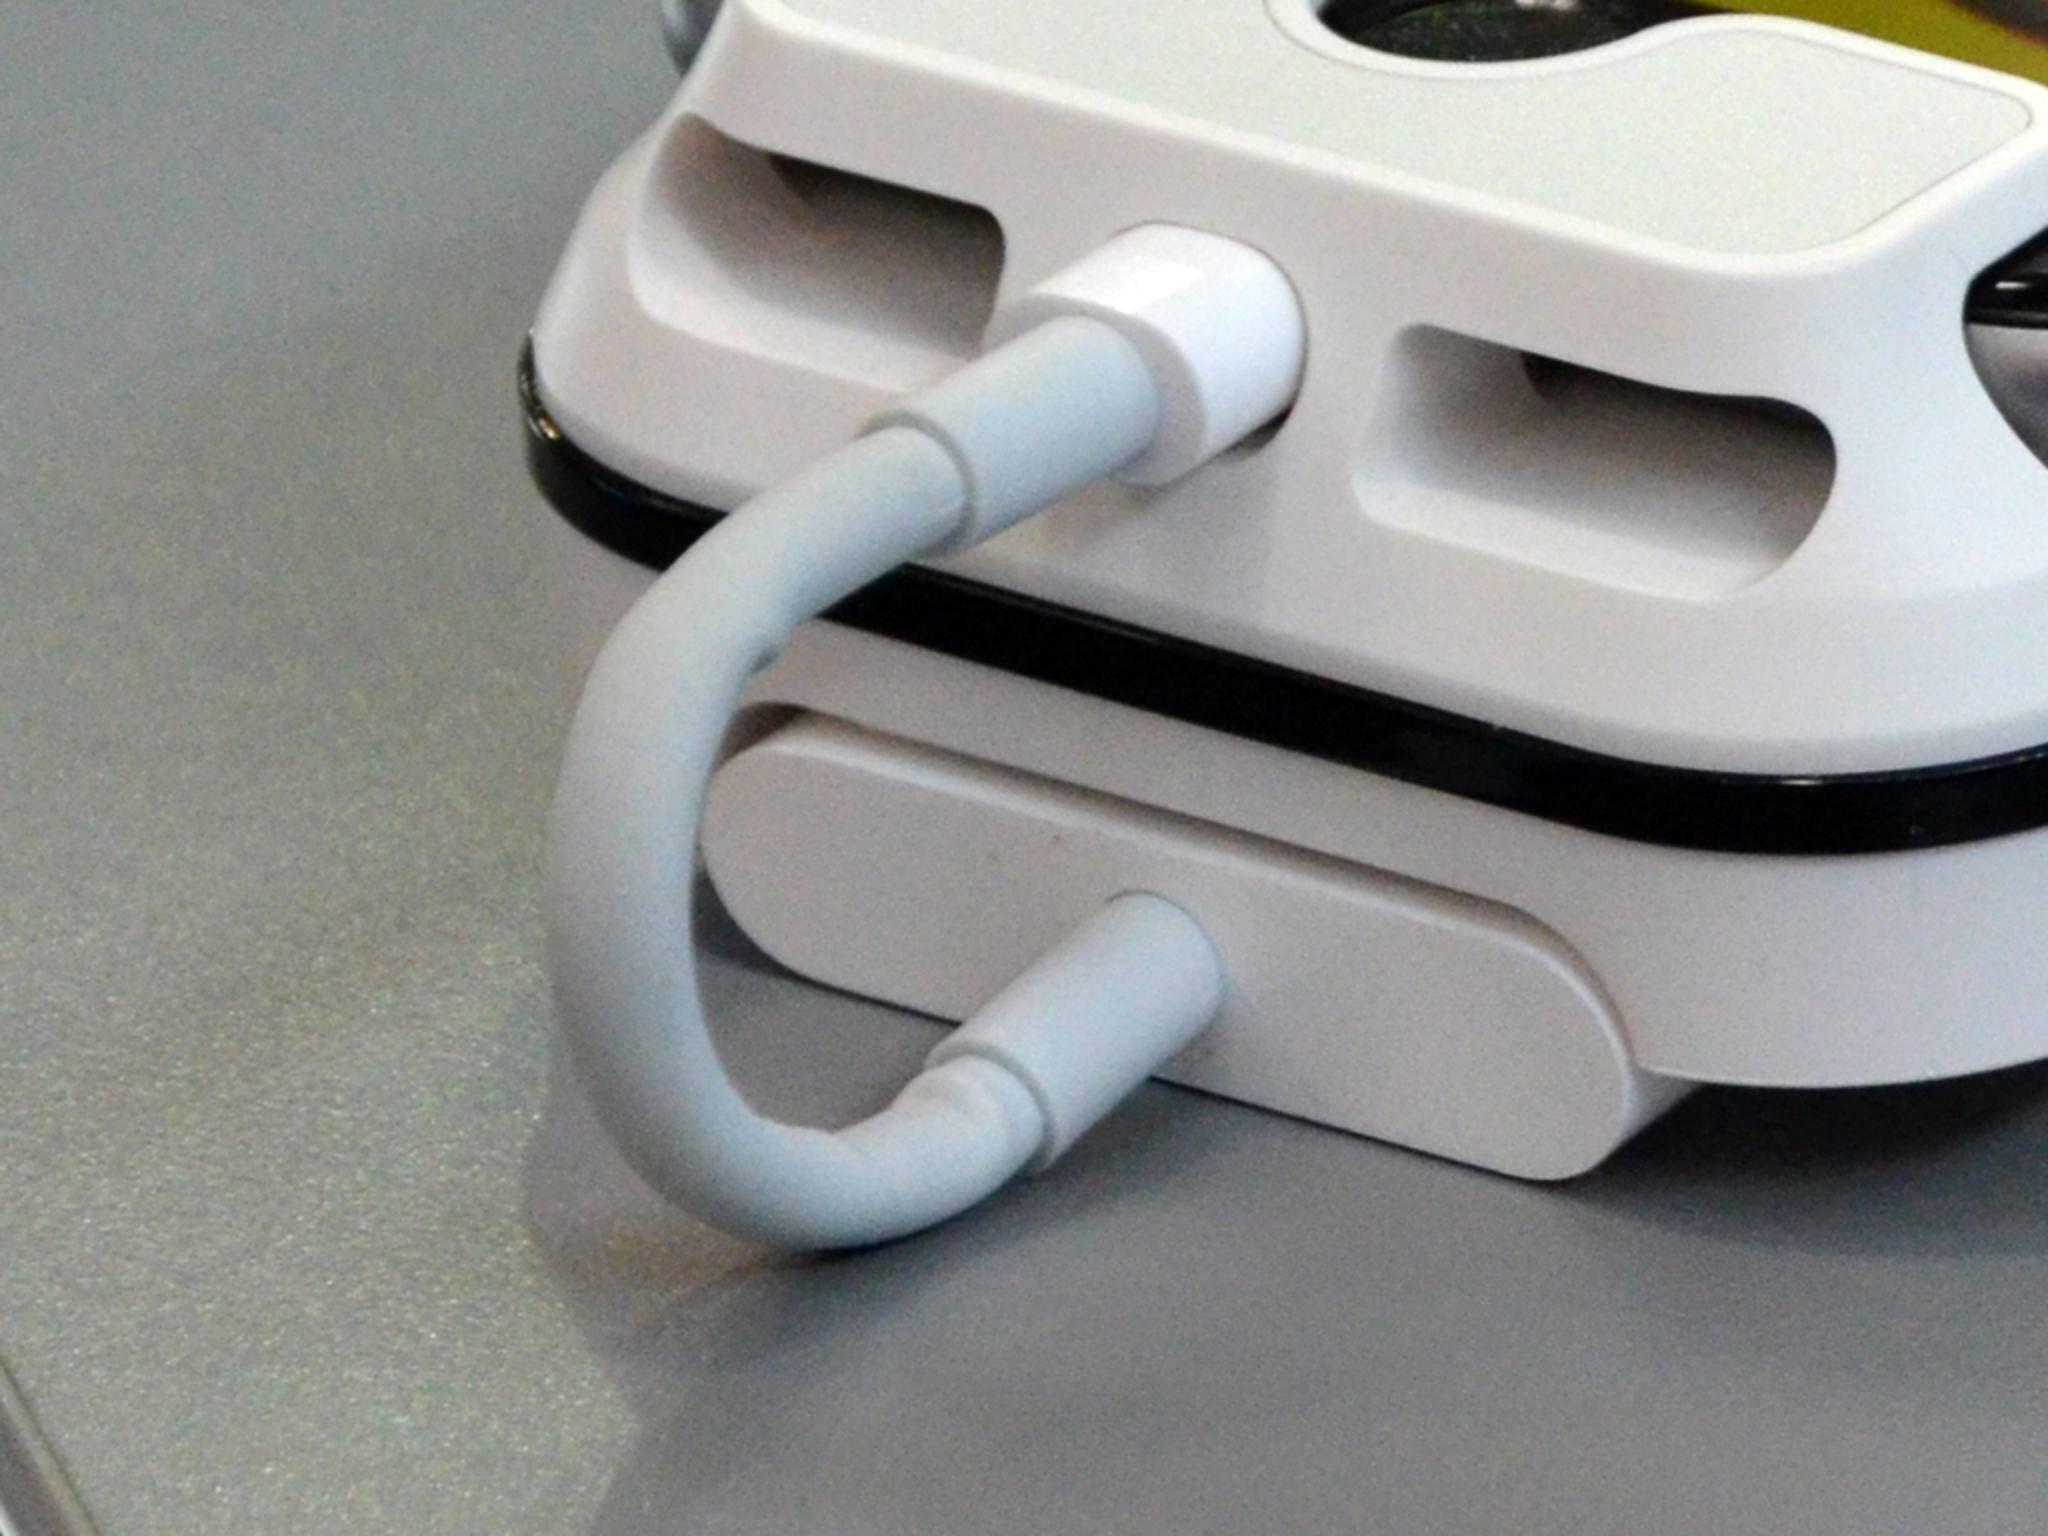 Der Adapter von Apple kostet etwa 50 Euro zusätzlich ...